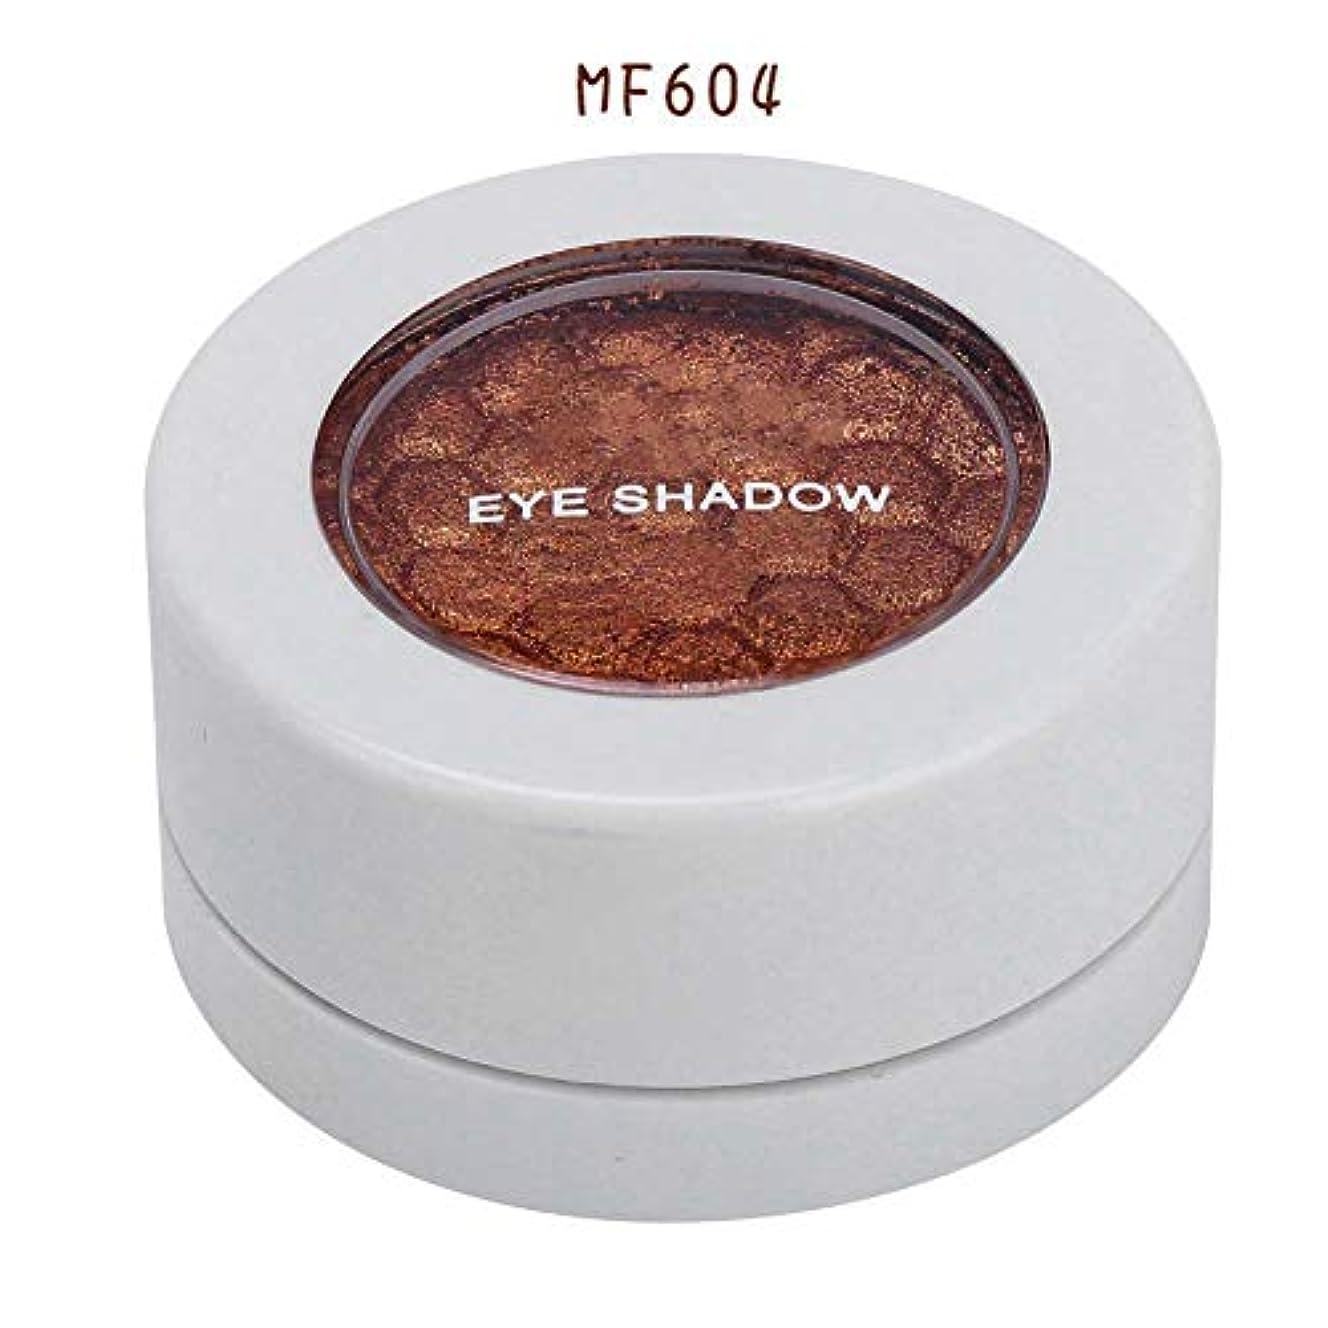 救い十分です少し4色 アイシャドウパレット アイシャドウパレット 化粧品ツール 化粧マットグロス アイシャドウパウダー (MF604)